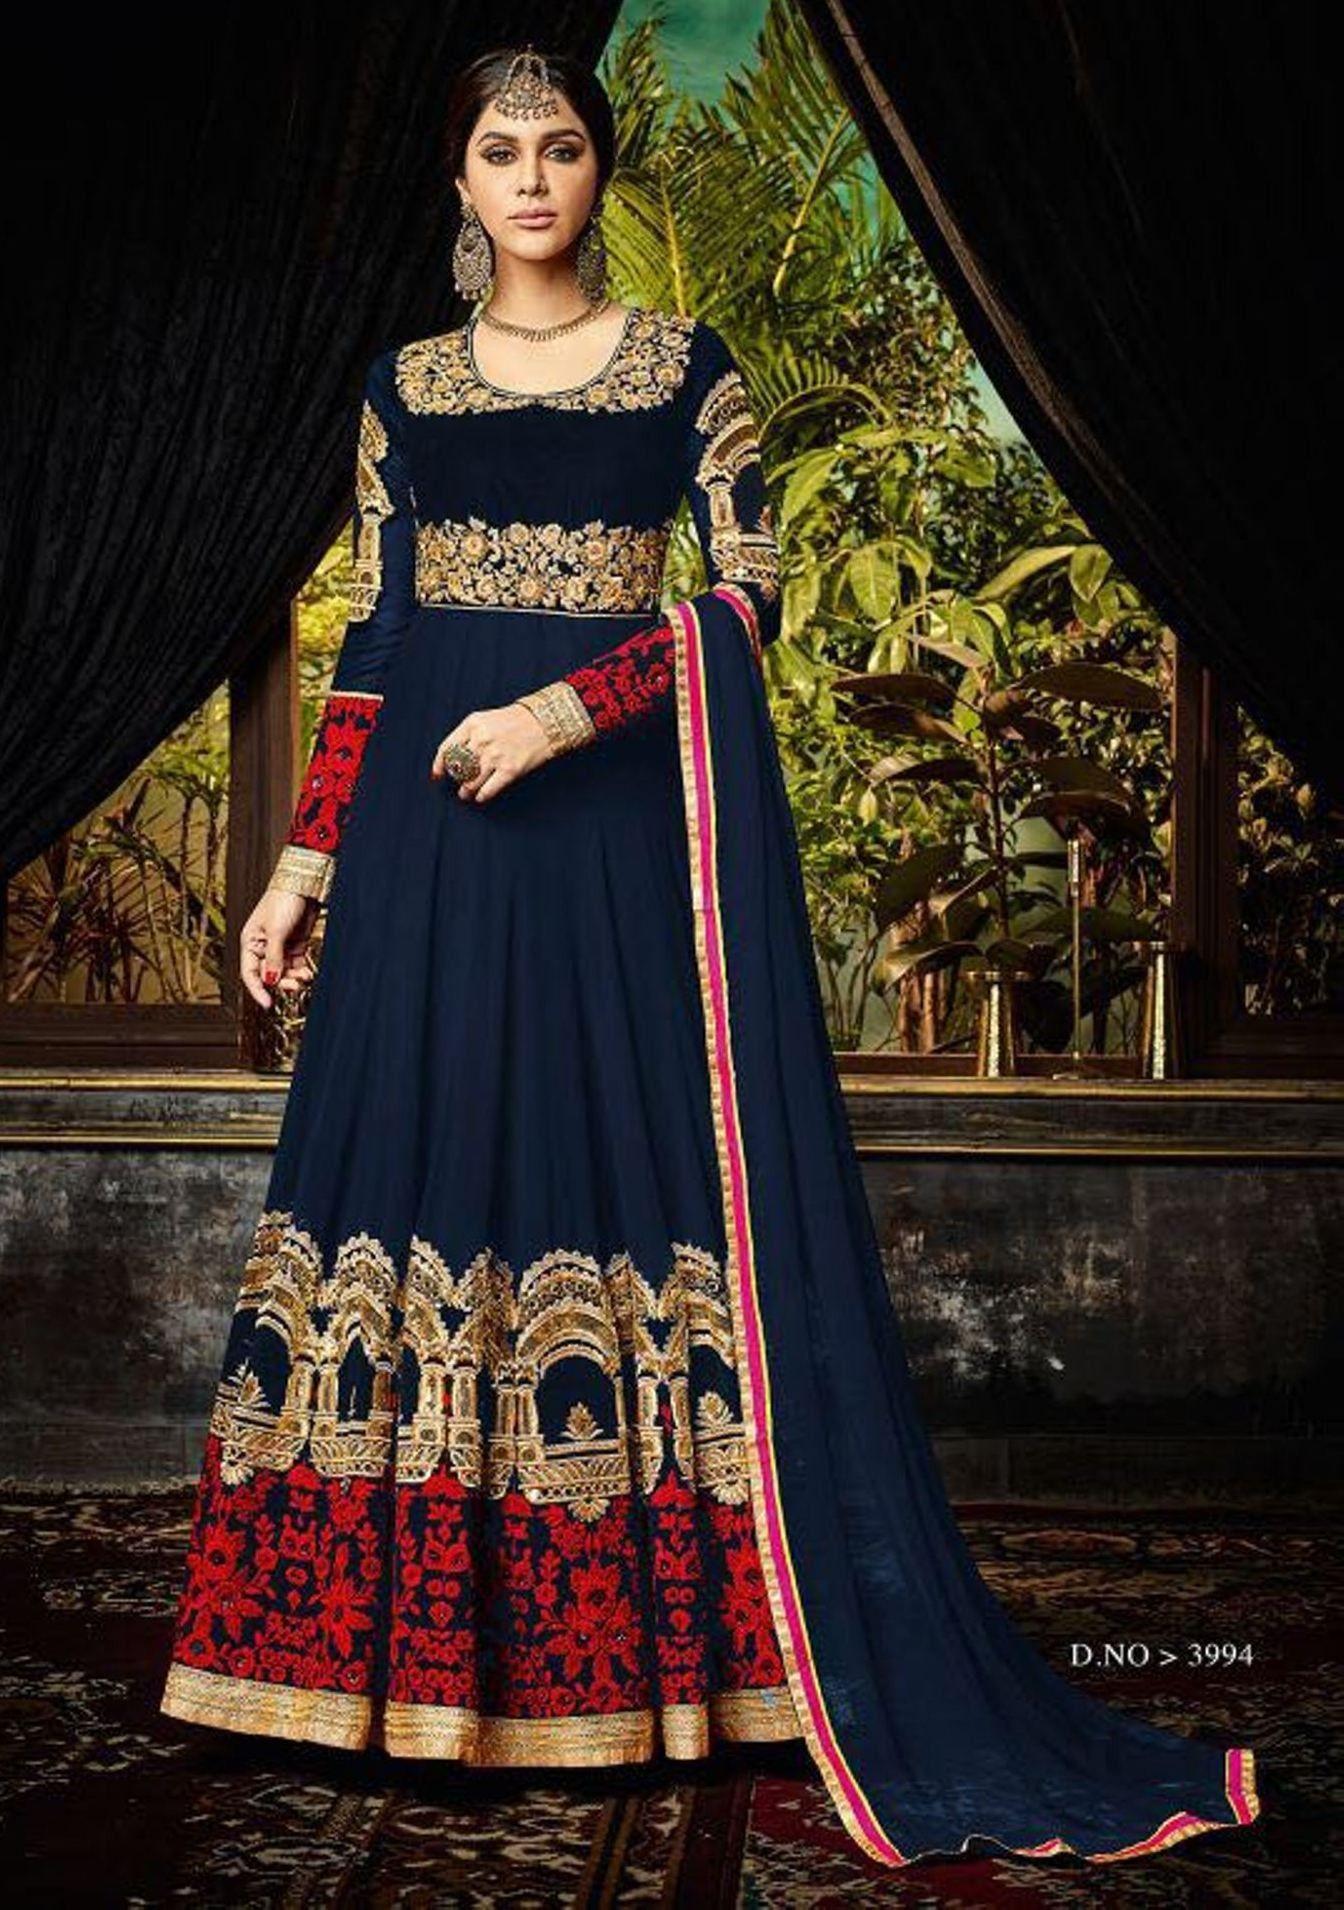 37a3cc4b3e42 Buy Apparels- Navy Blue Colour Pure Georgette and Fancy Materials Designer  Suit